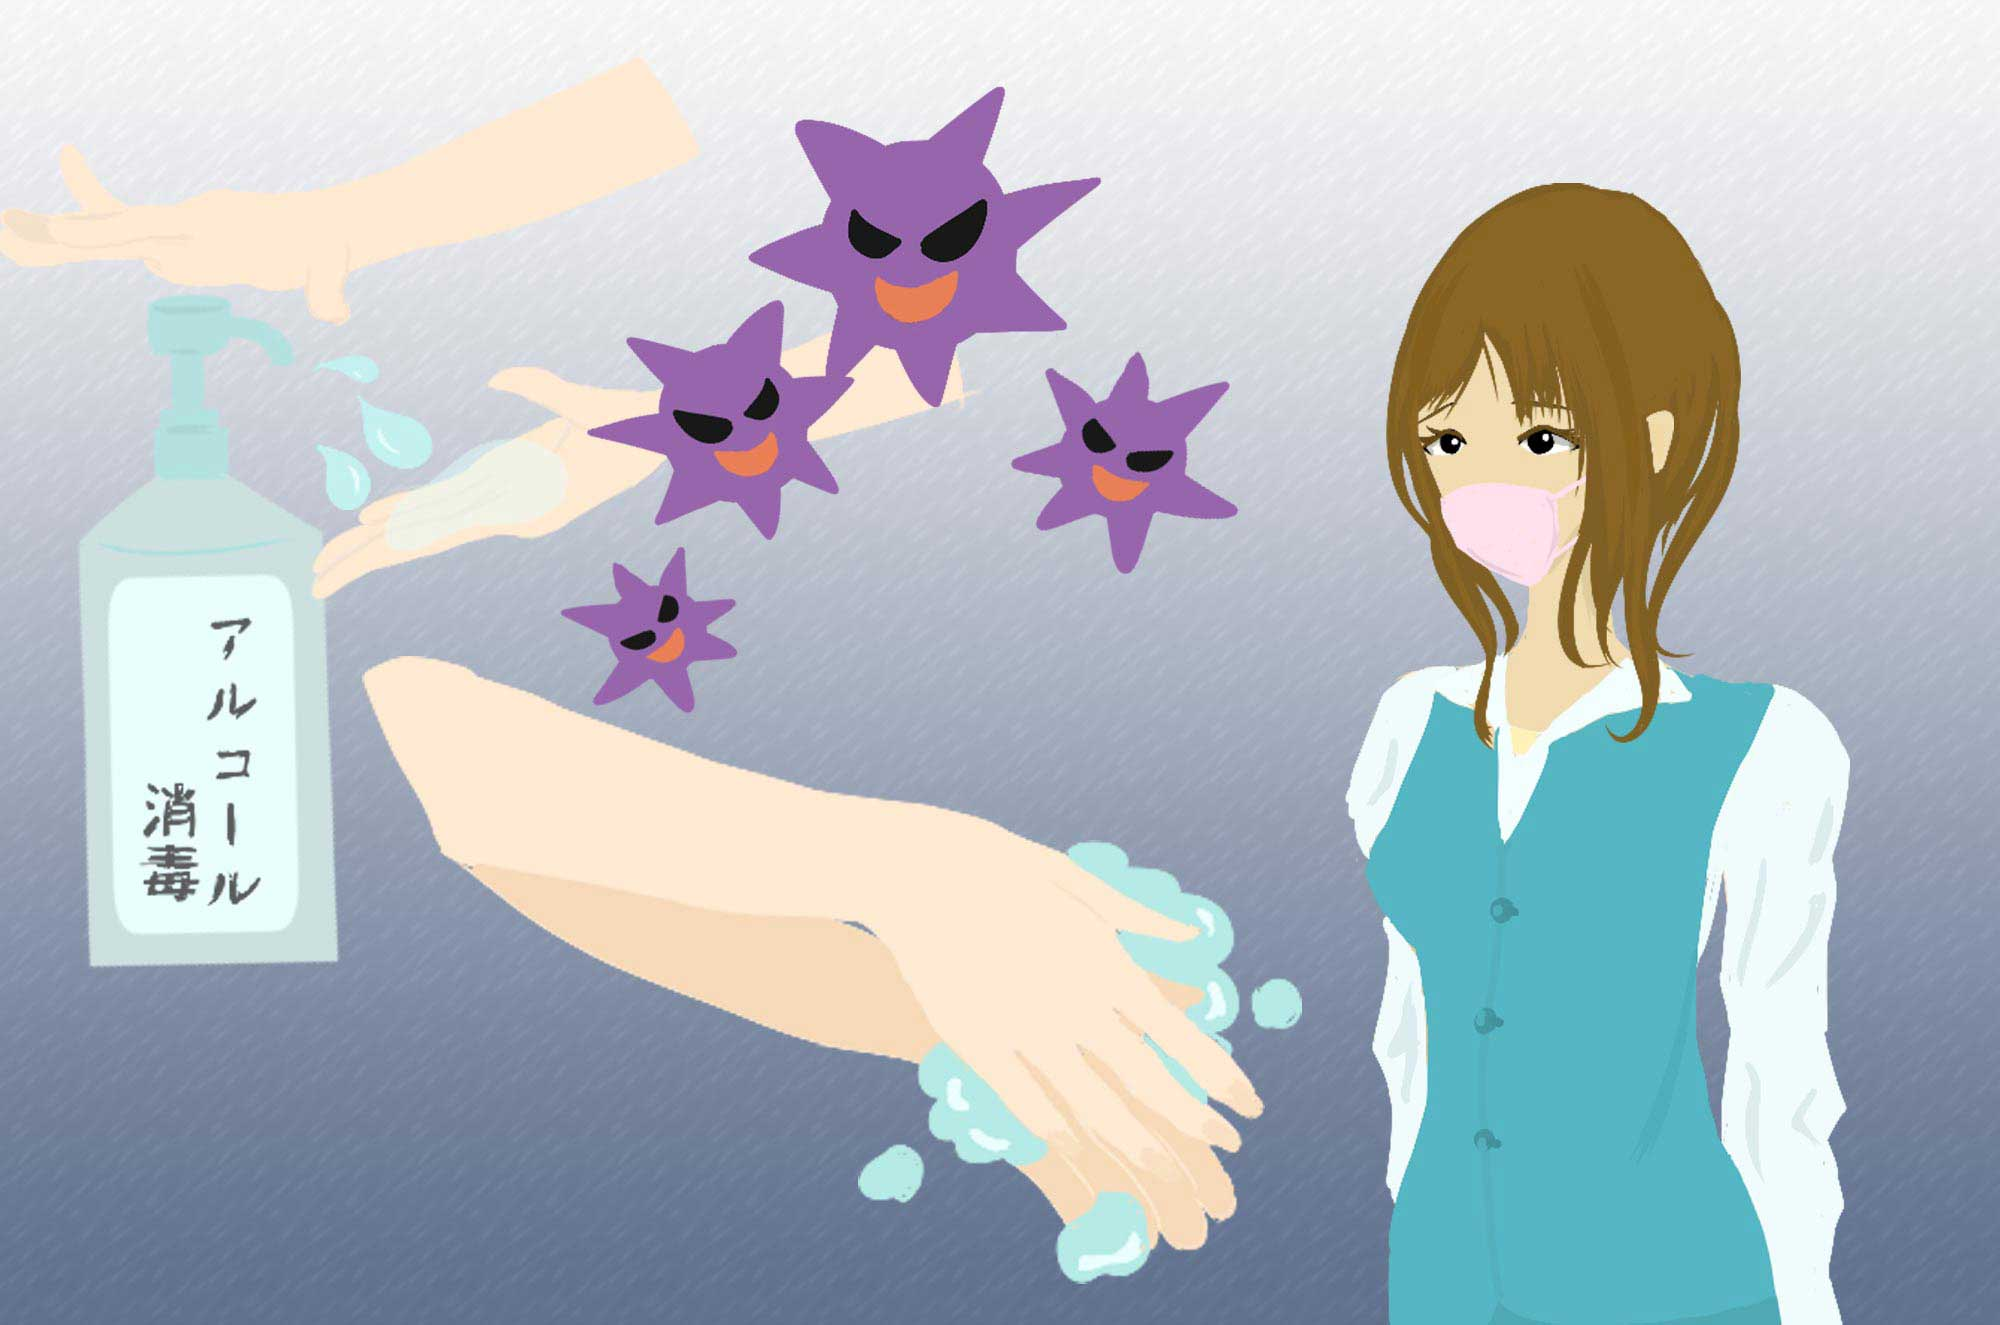 風邪のイラスト - 手洗い・うがい・予防の素材